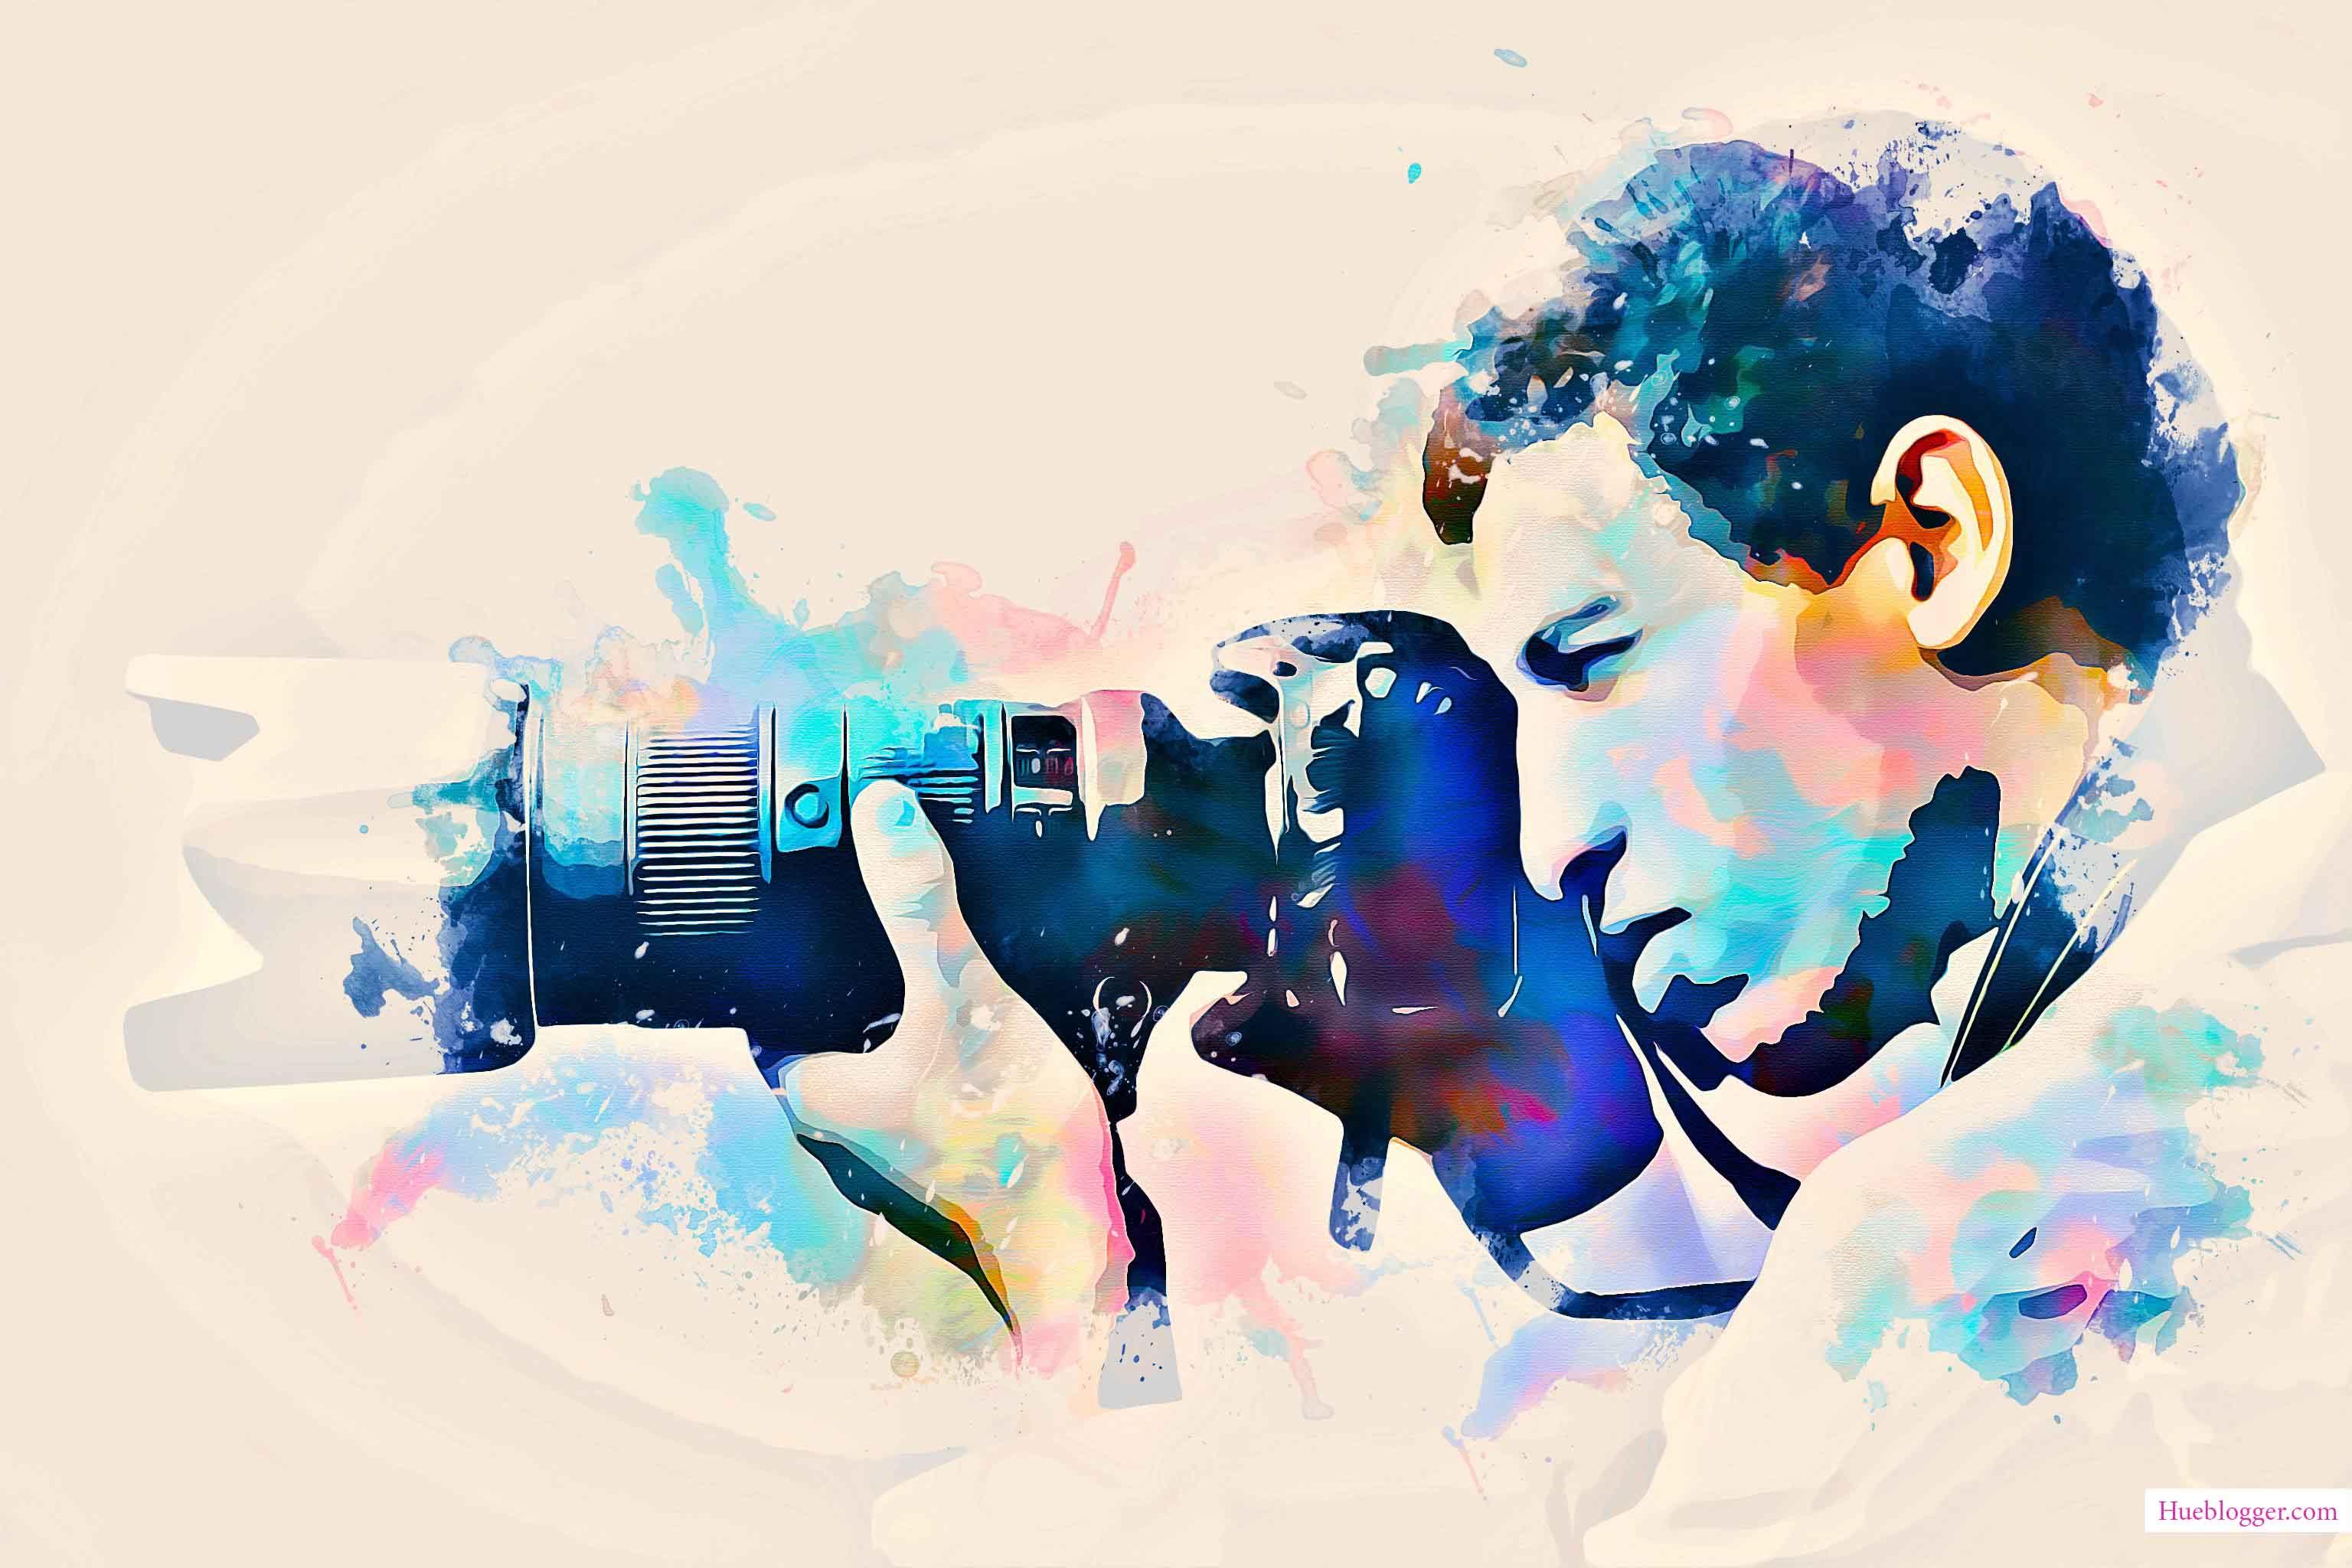 Action tạo hiệu ứng tranh vẽ trong Photoshop